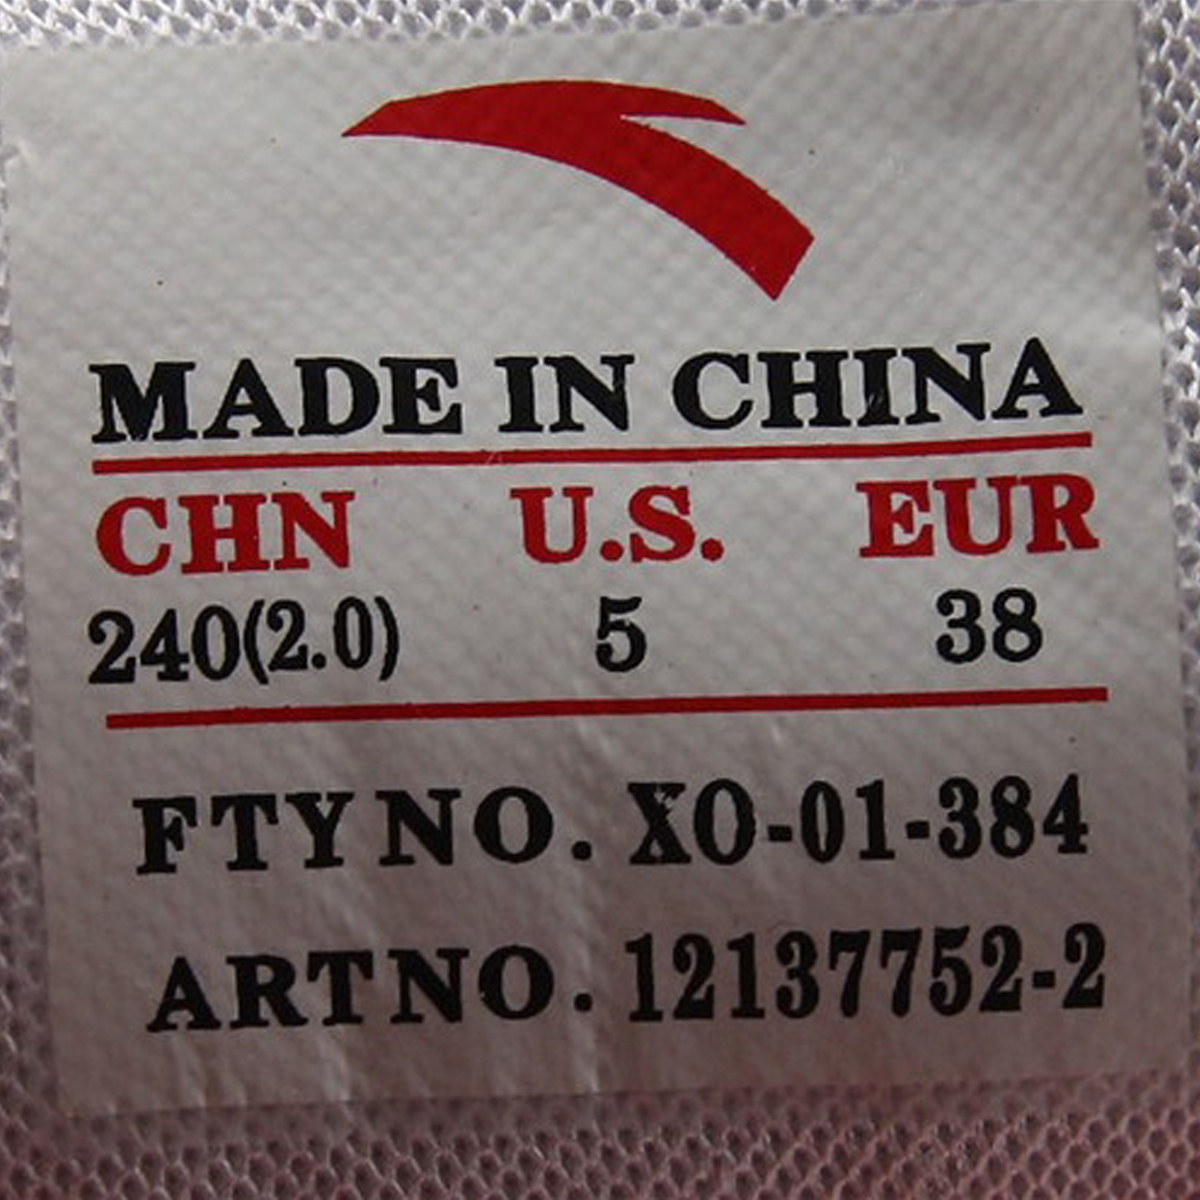 Кроссовки для бега Anta 12137752. 1-2 Осенью 2011 года Женщина Материал EVA Искусственная кожа